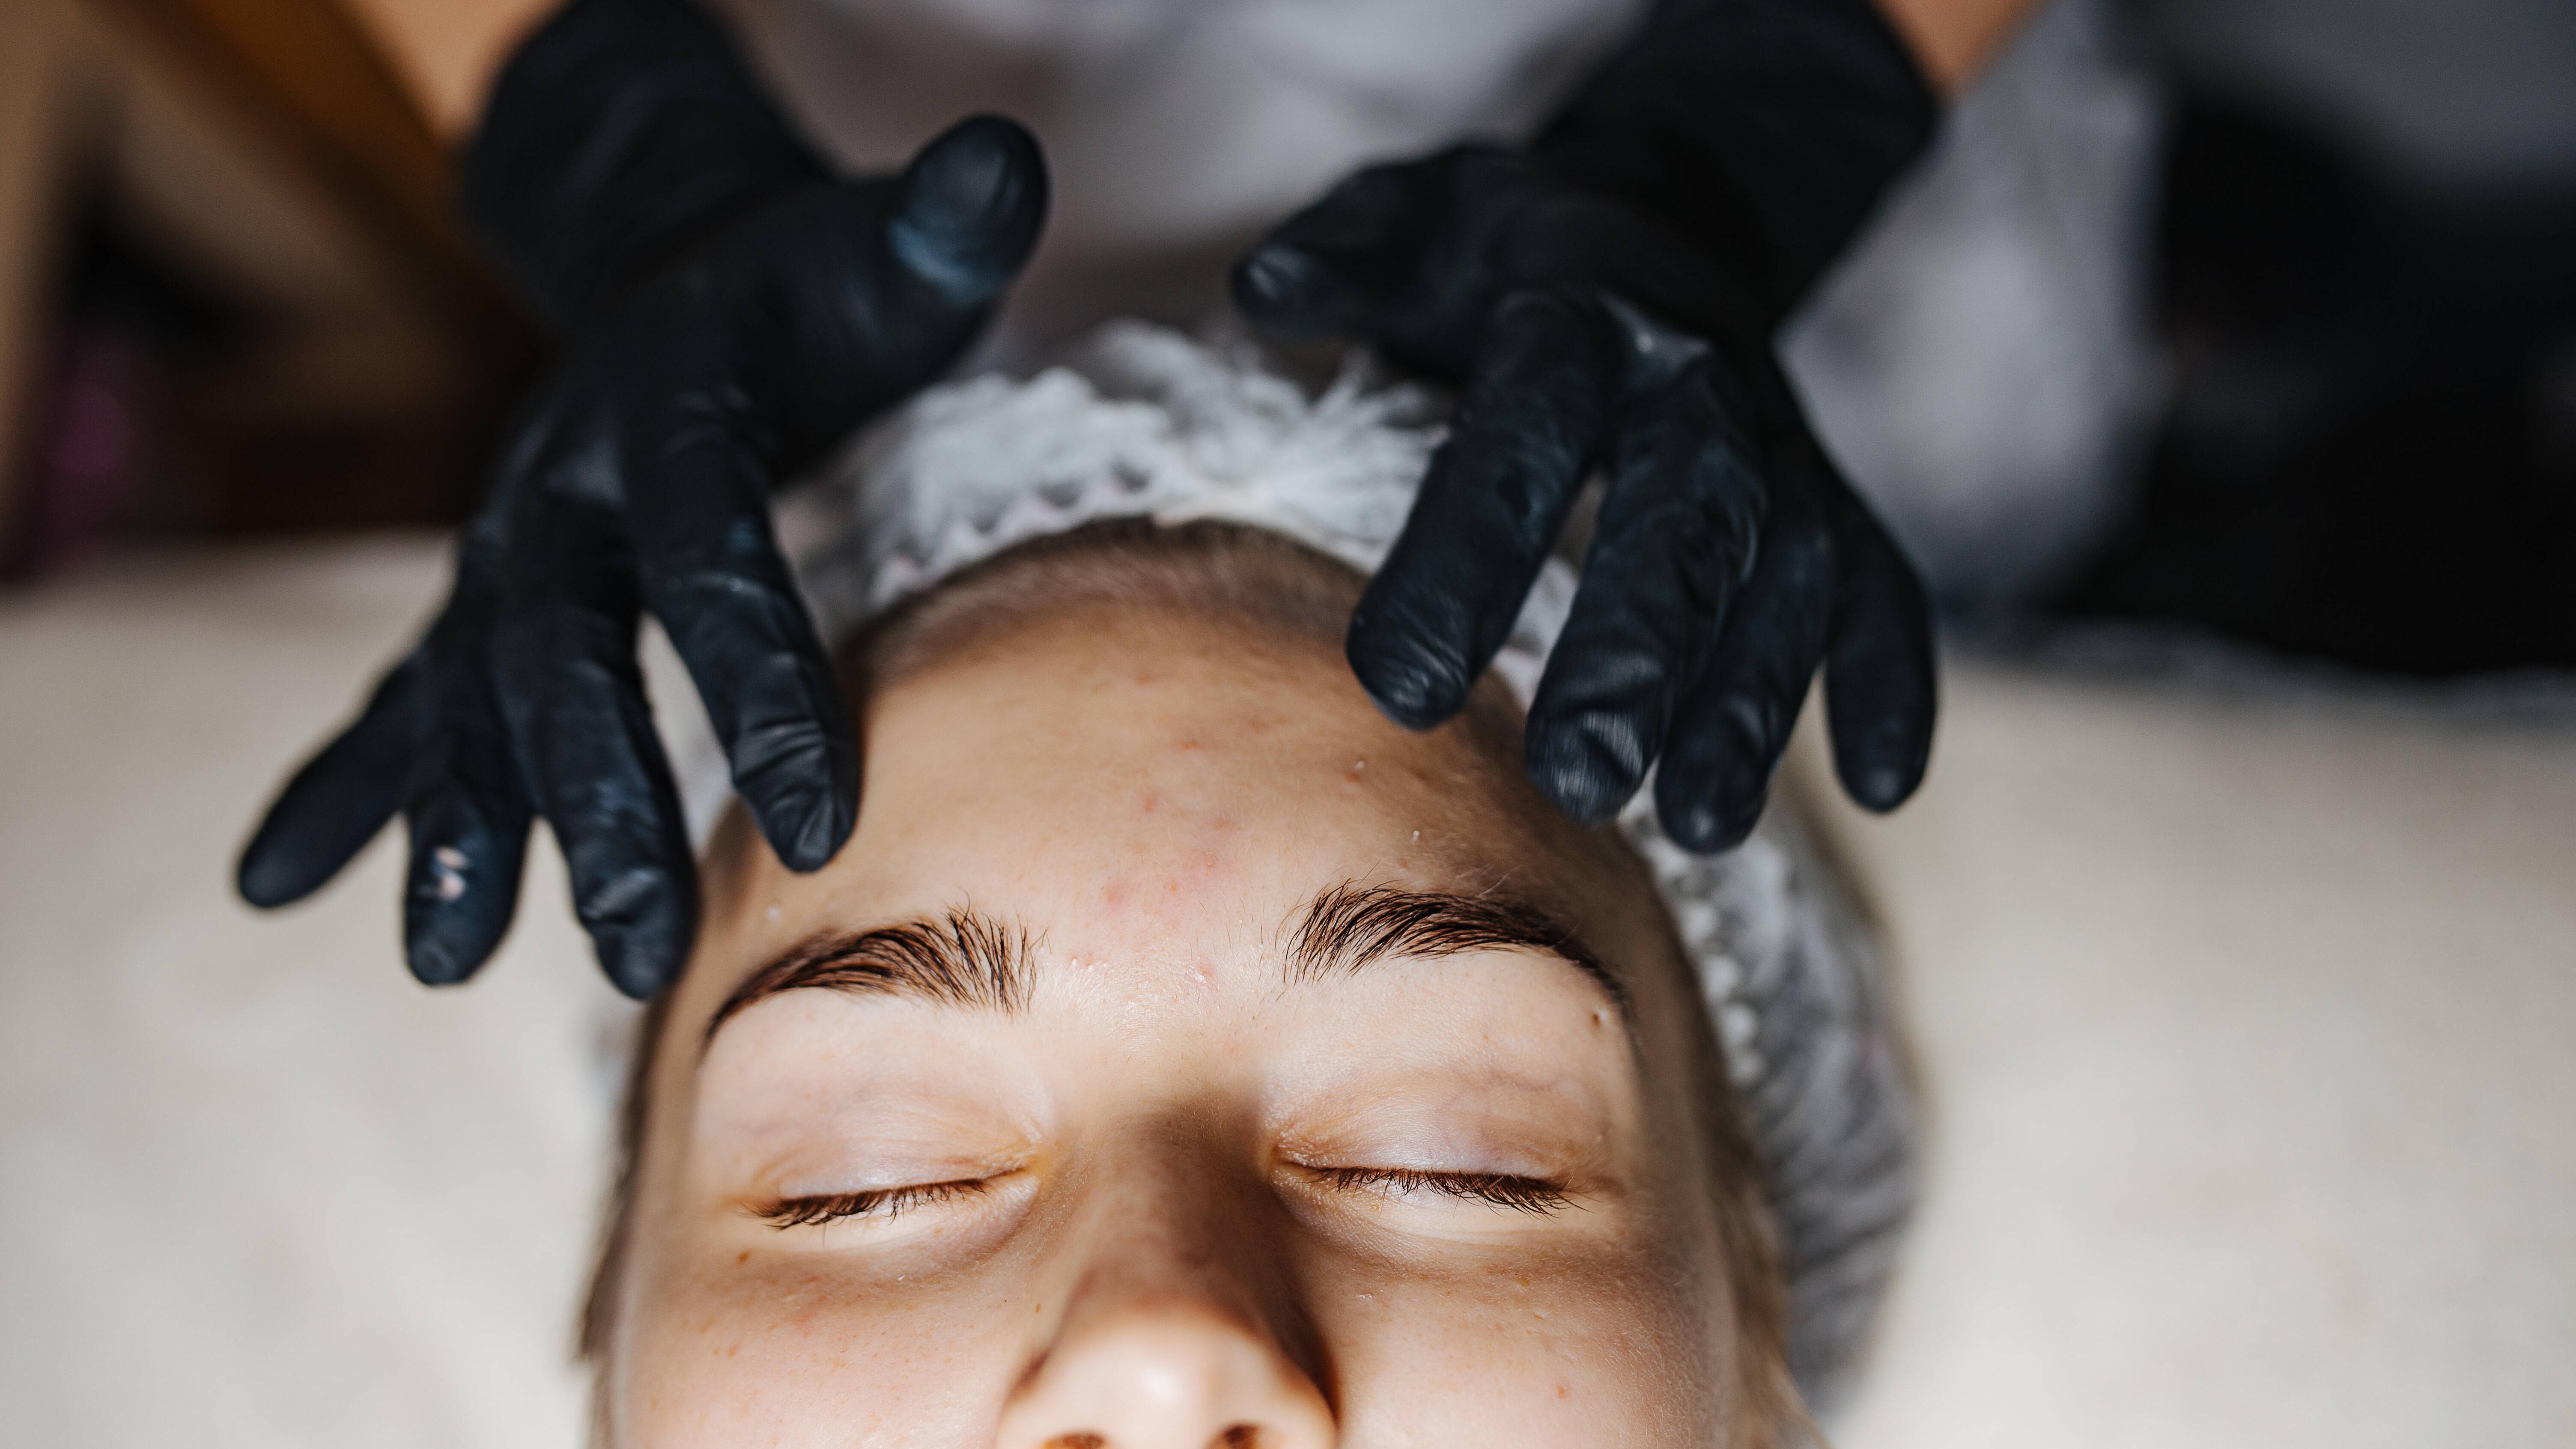 Gesichtsreinigung bei fettiger Haut: 5 Tipps für die richtige Gesichtspflege